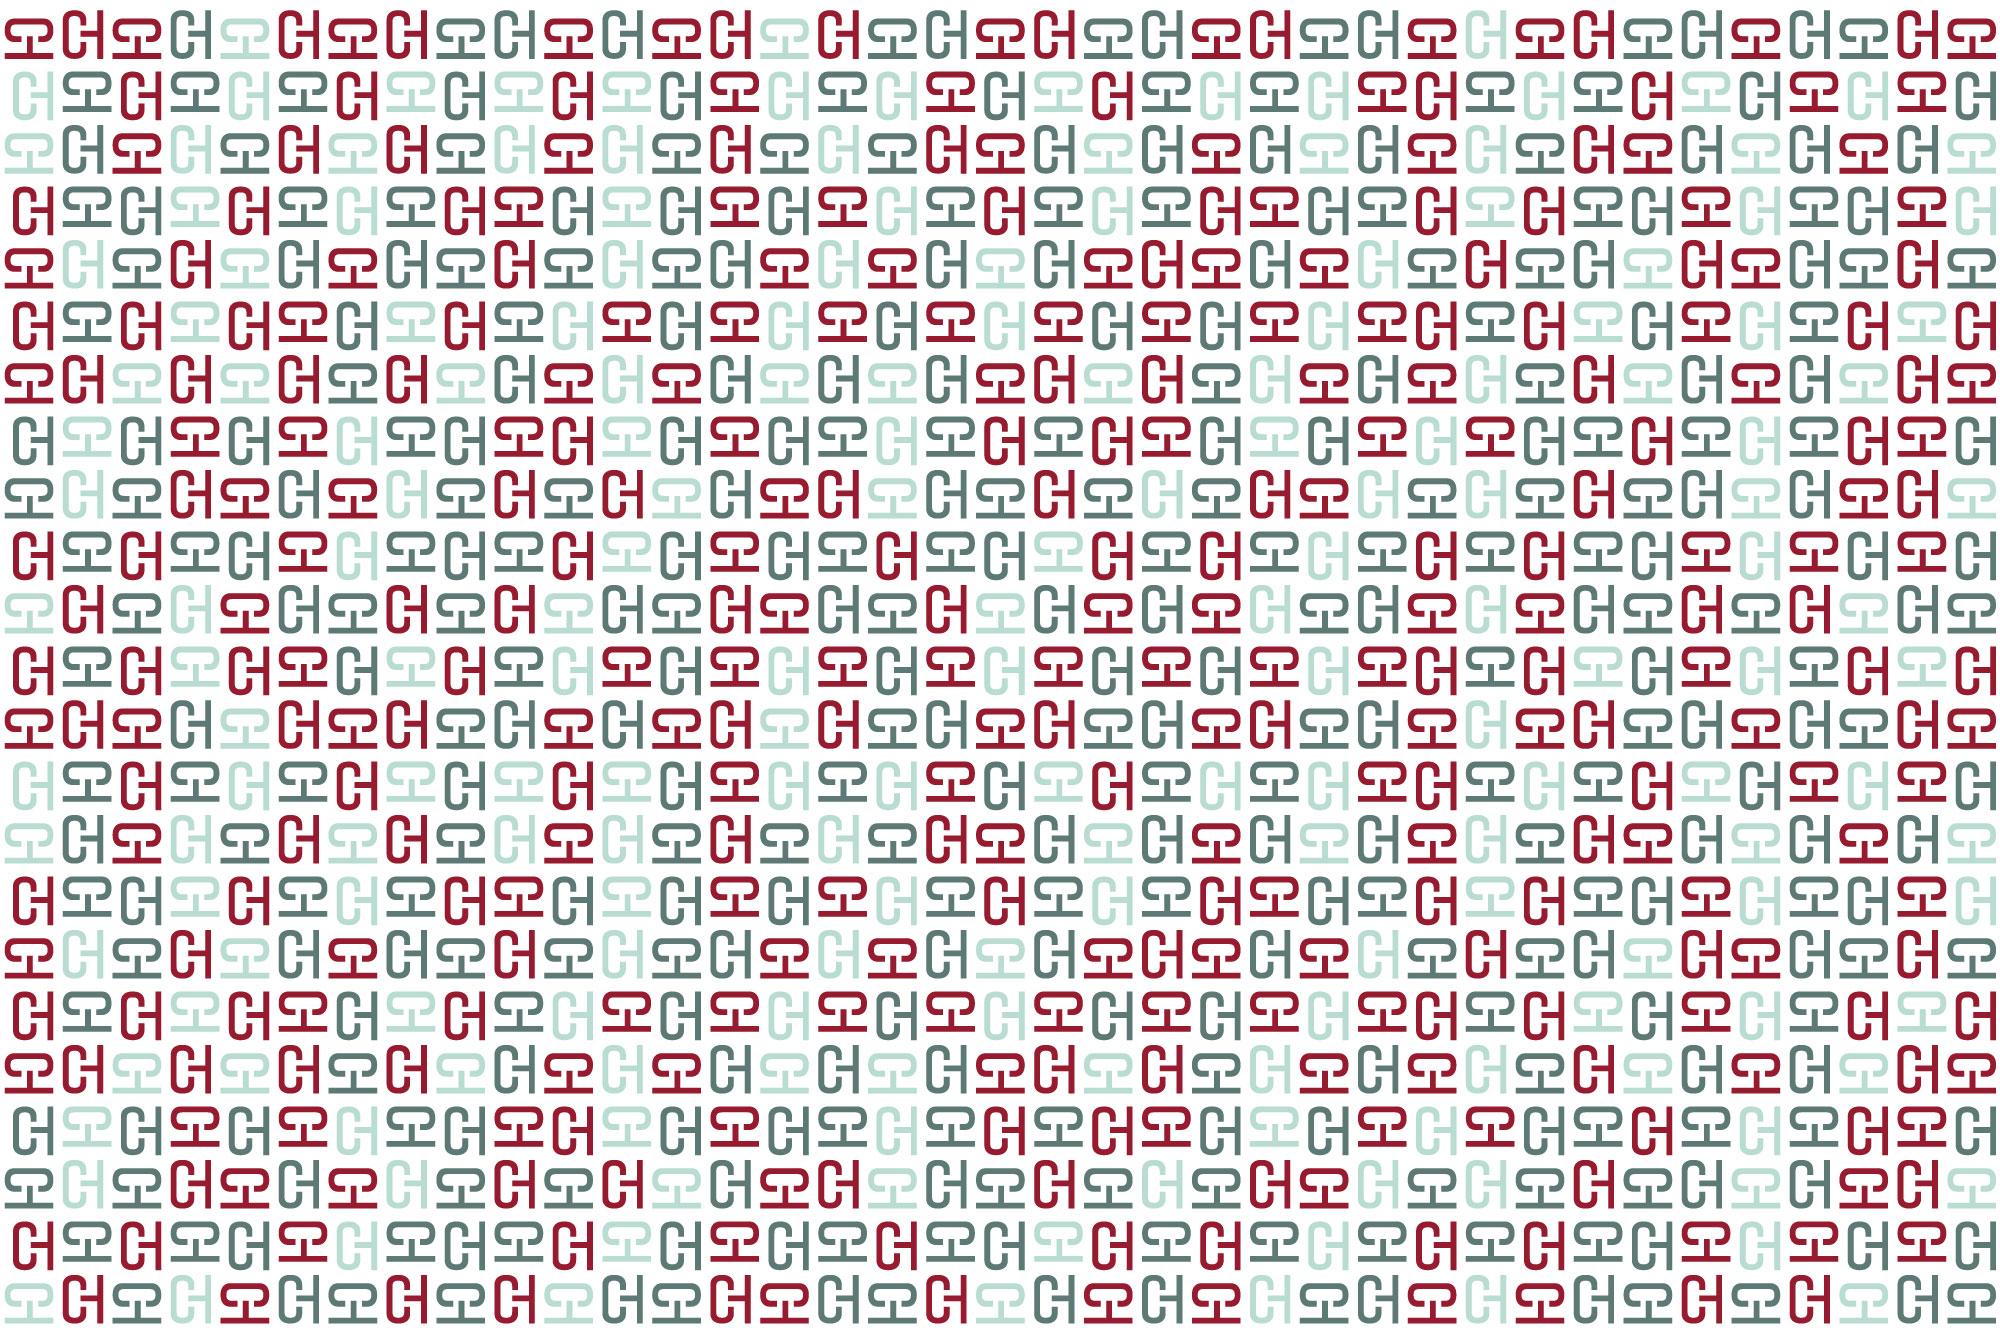 Chbib-Pattern